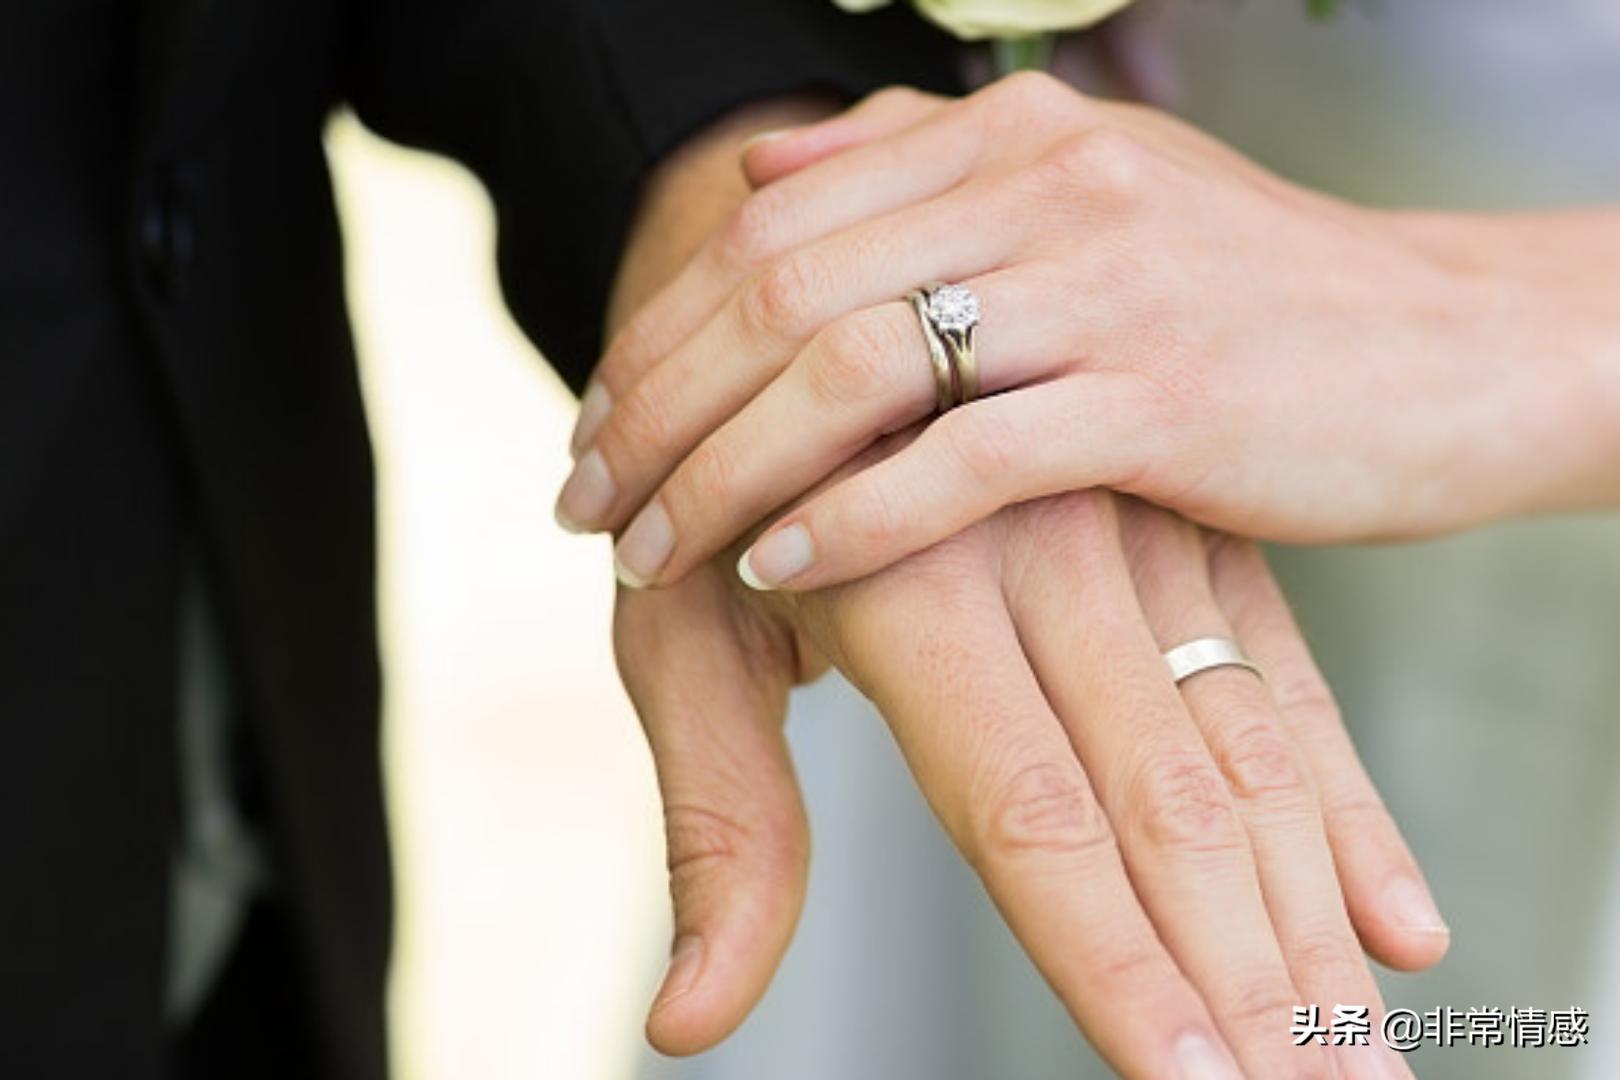 既不想离婚,又没法好好过,是什么造成两难的婚姻?该如何解决?